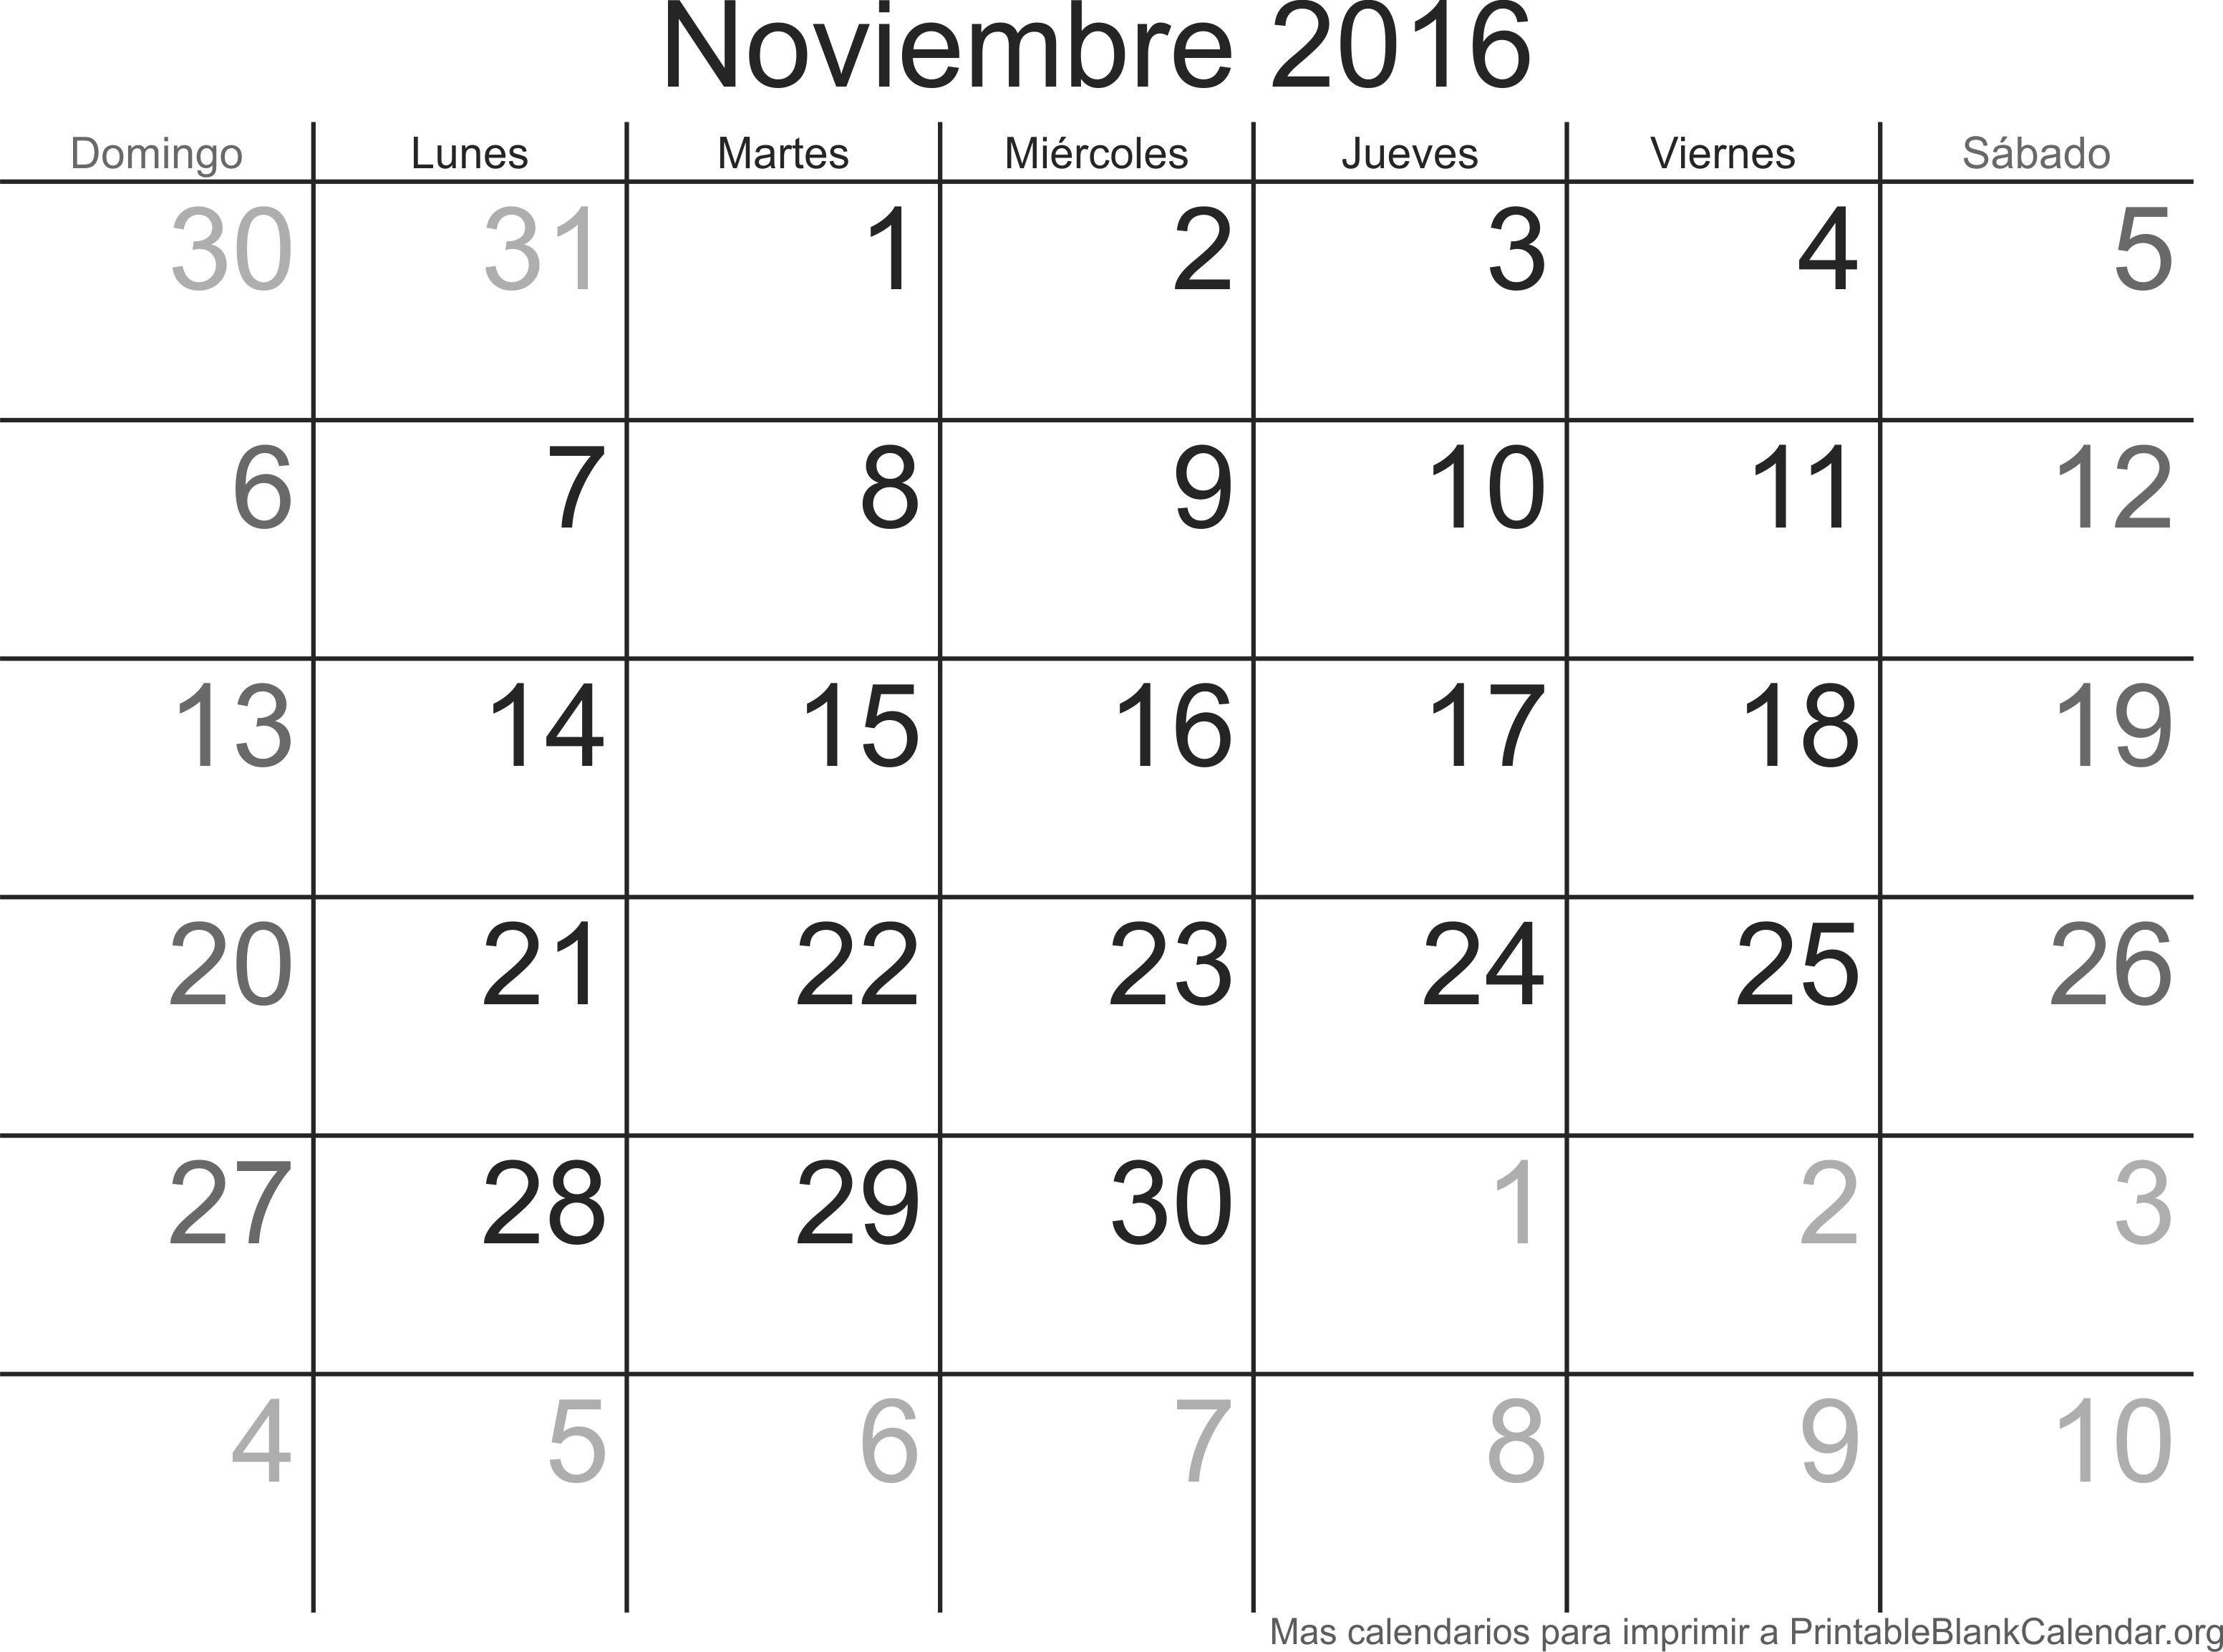 Calendario Diciembre 2012 Para Imprimir Recientes Noviembre 2016 Of Calendario Diciembre 2012 Para Imprimir Más Reciente Mejores 54 Imágenes De Imprimibles En Pinterest